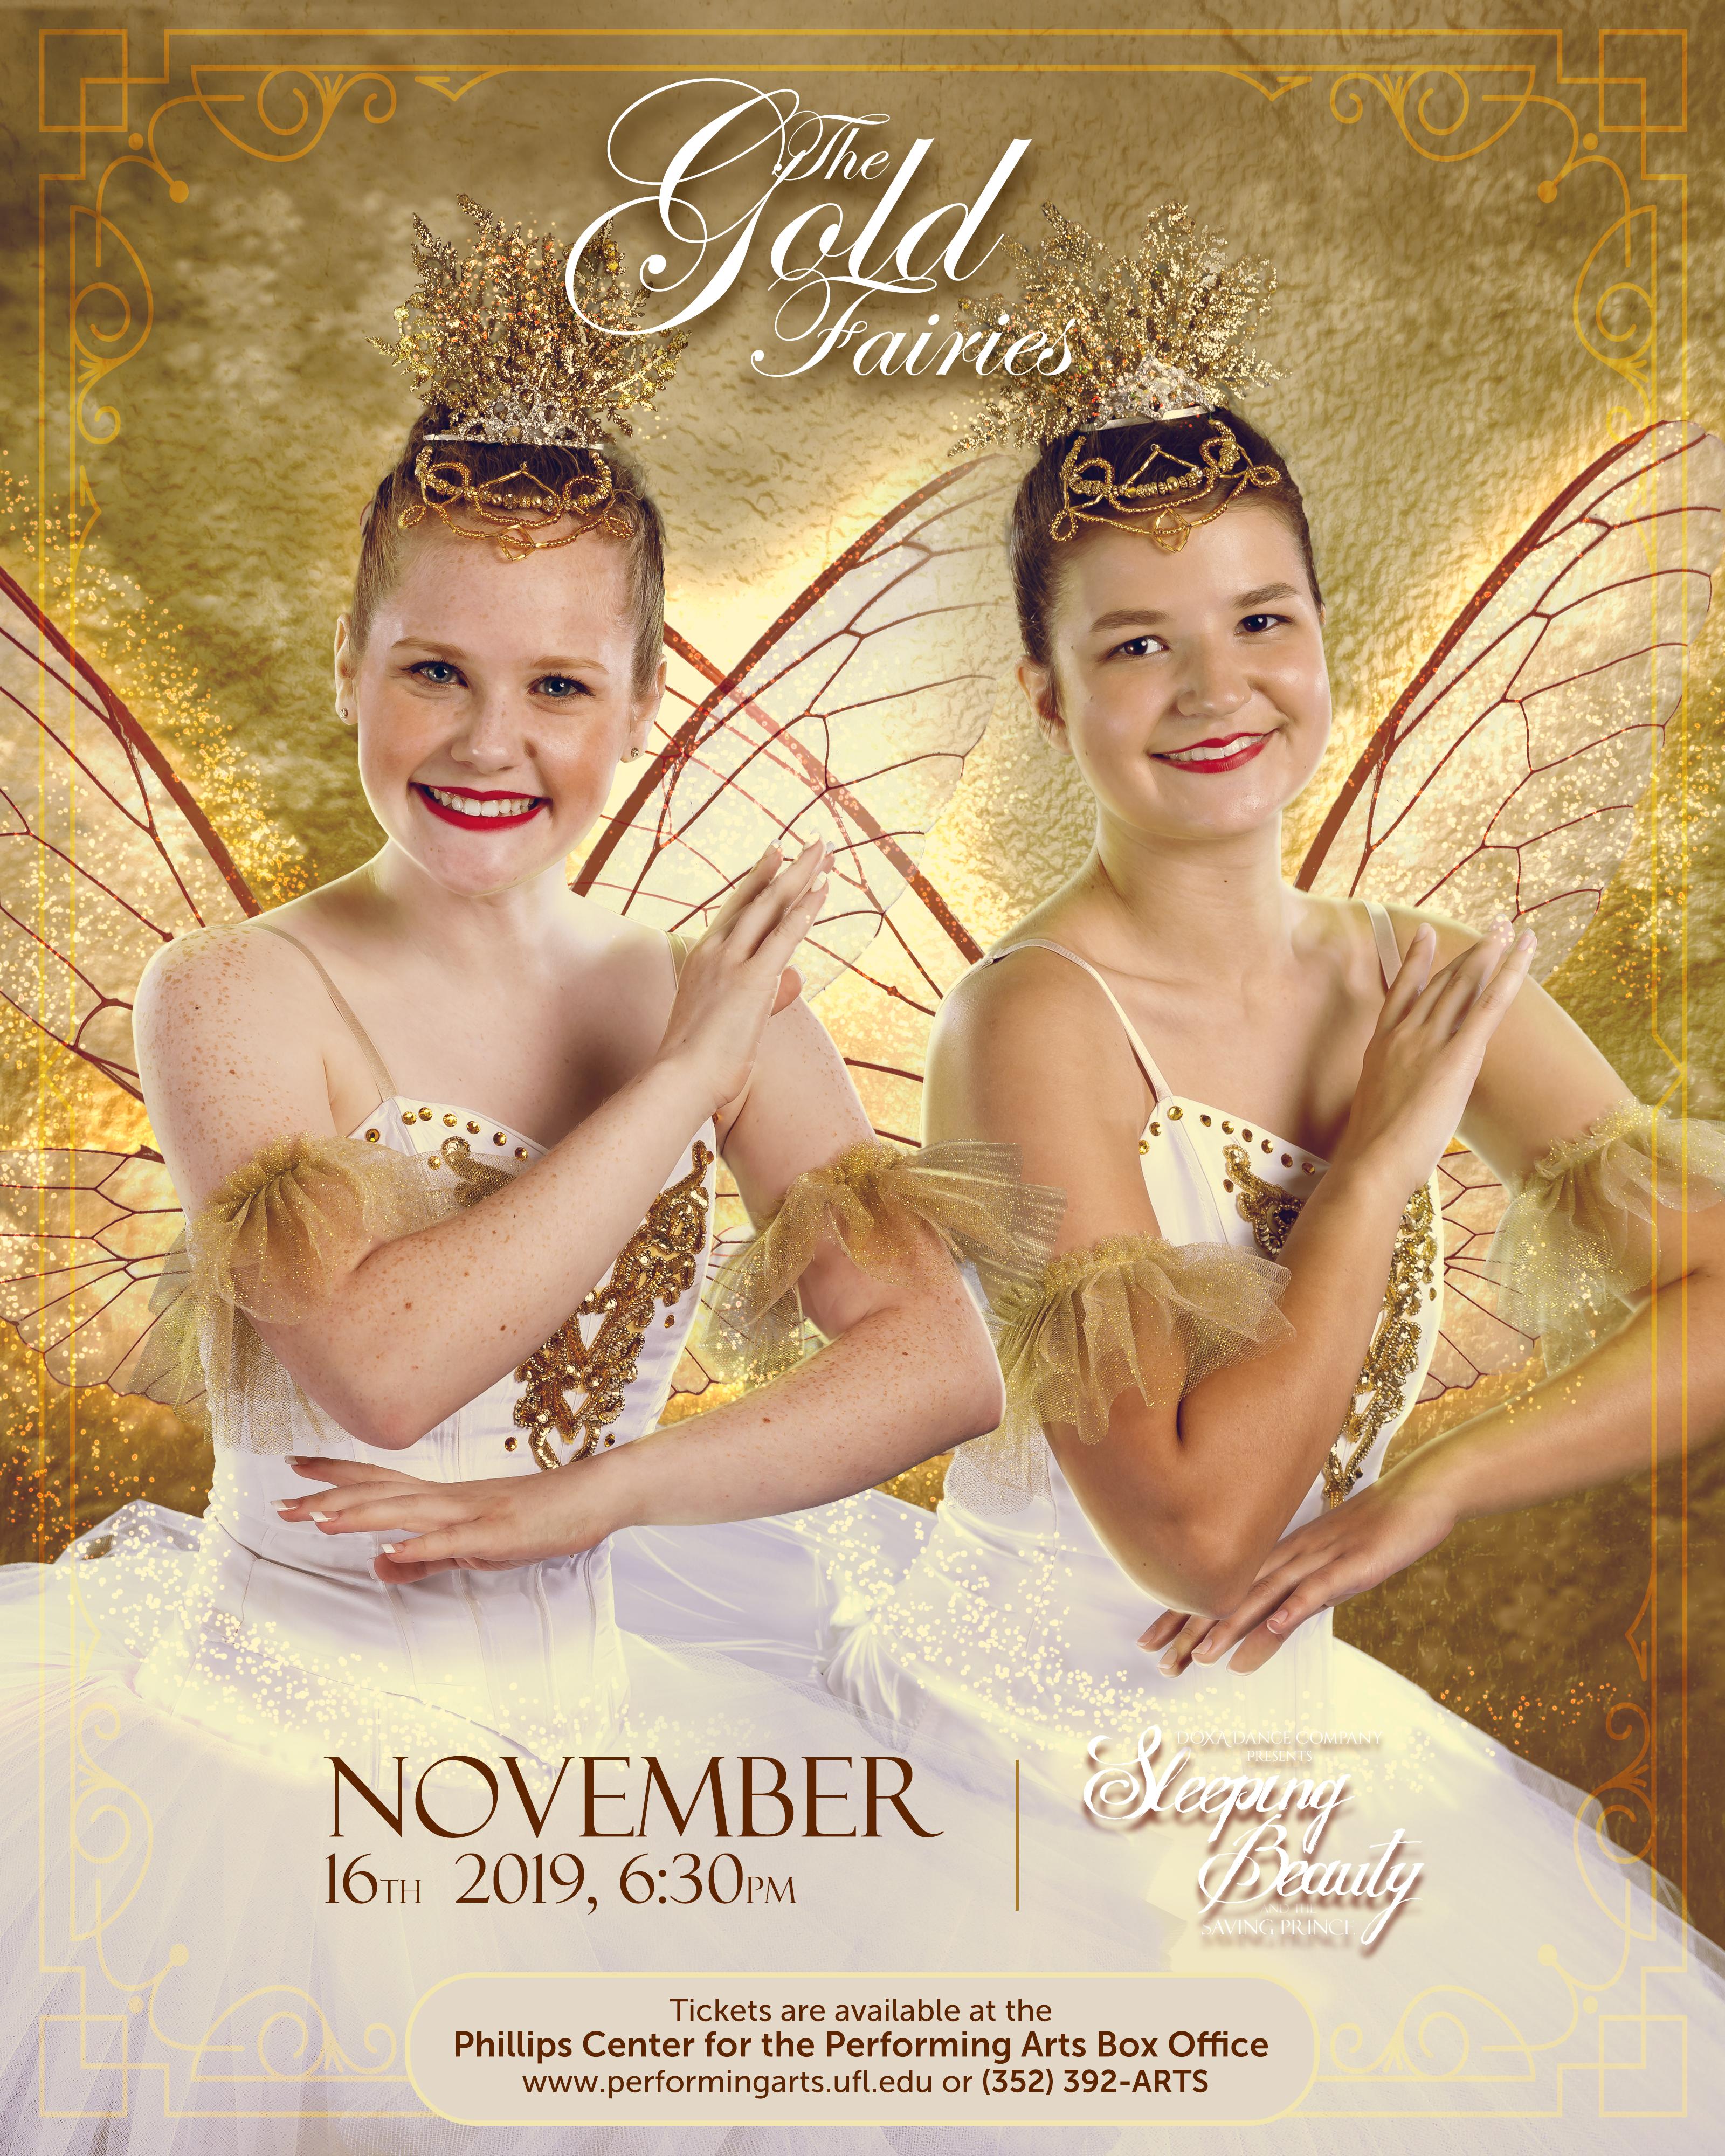 Gold Fairies 2019